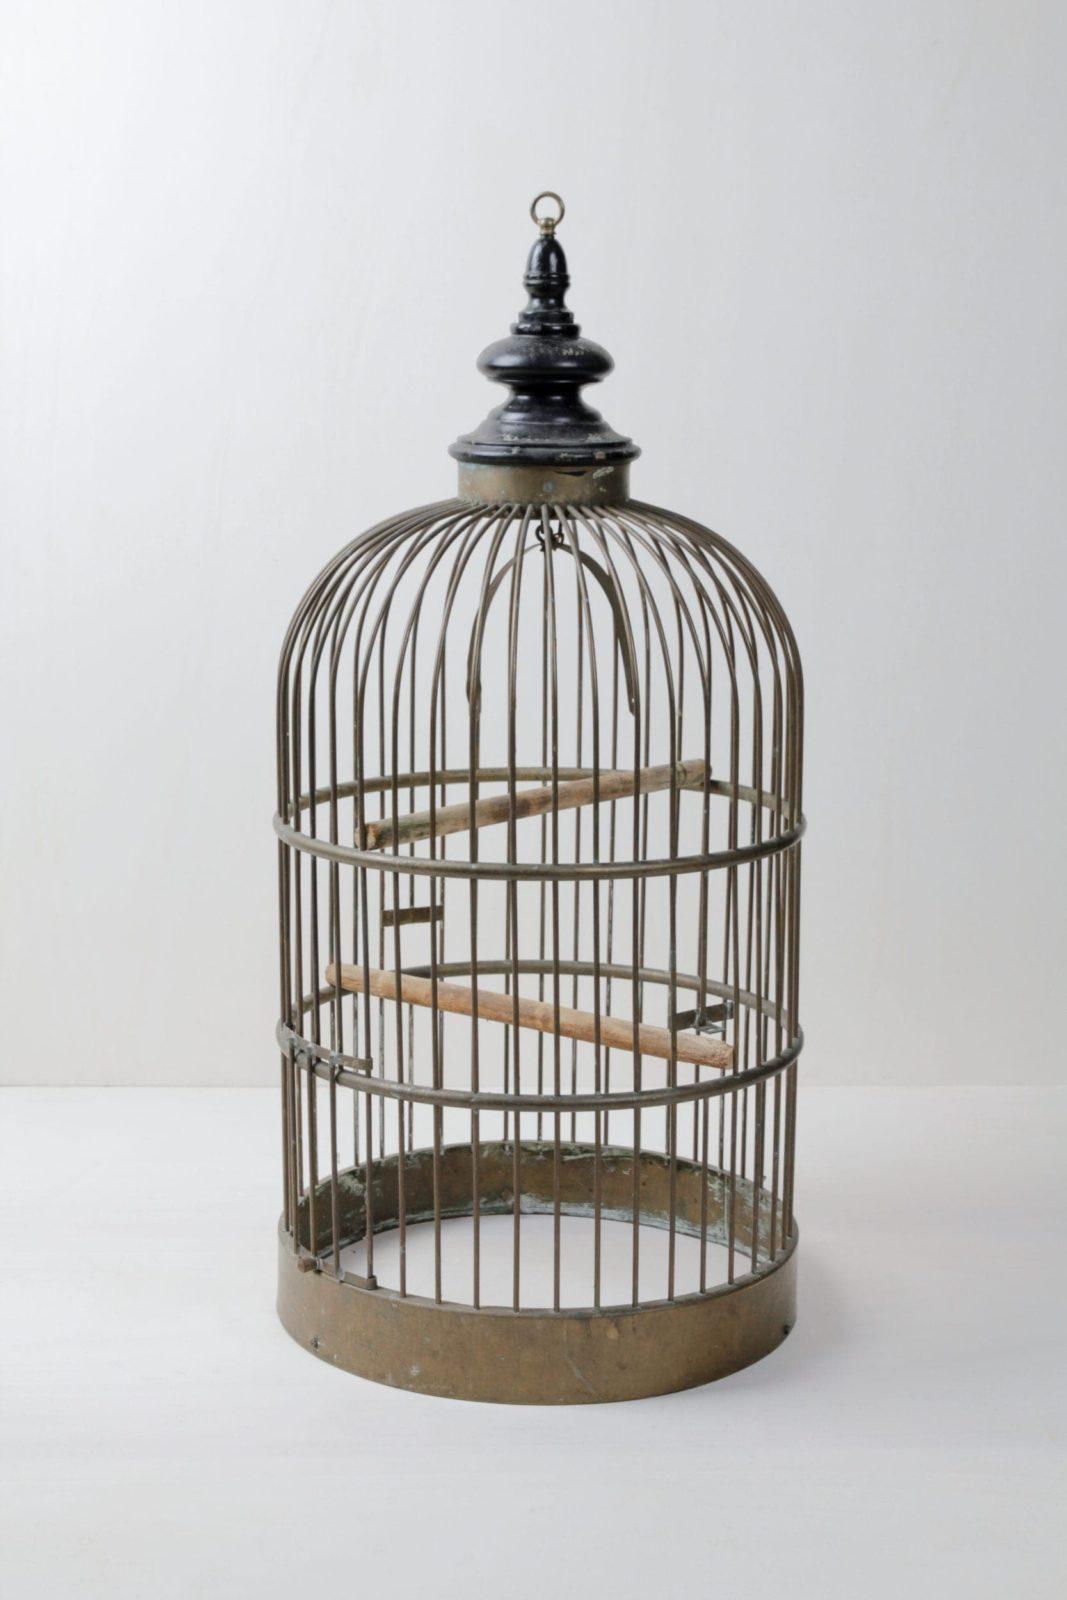 Vogelkäfig Anthea | Der Vogelkäfig ist ein sehr romantisches Accessoire. Er eignet sich sehr gut für Hochzeiten und andere besondere Tage. | gotvintage Rental & Event Design